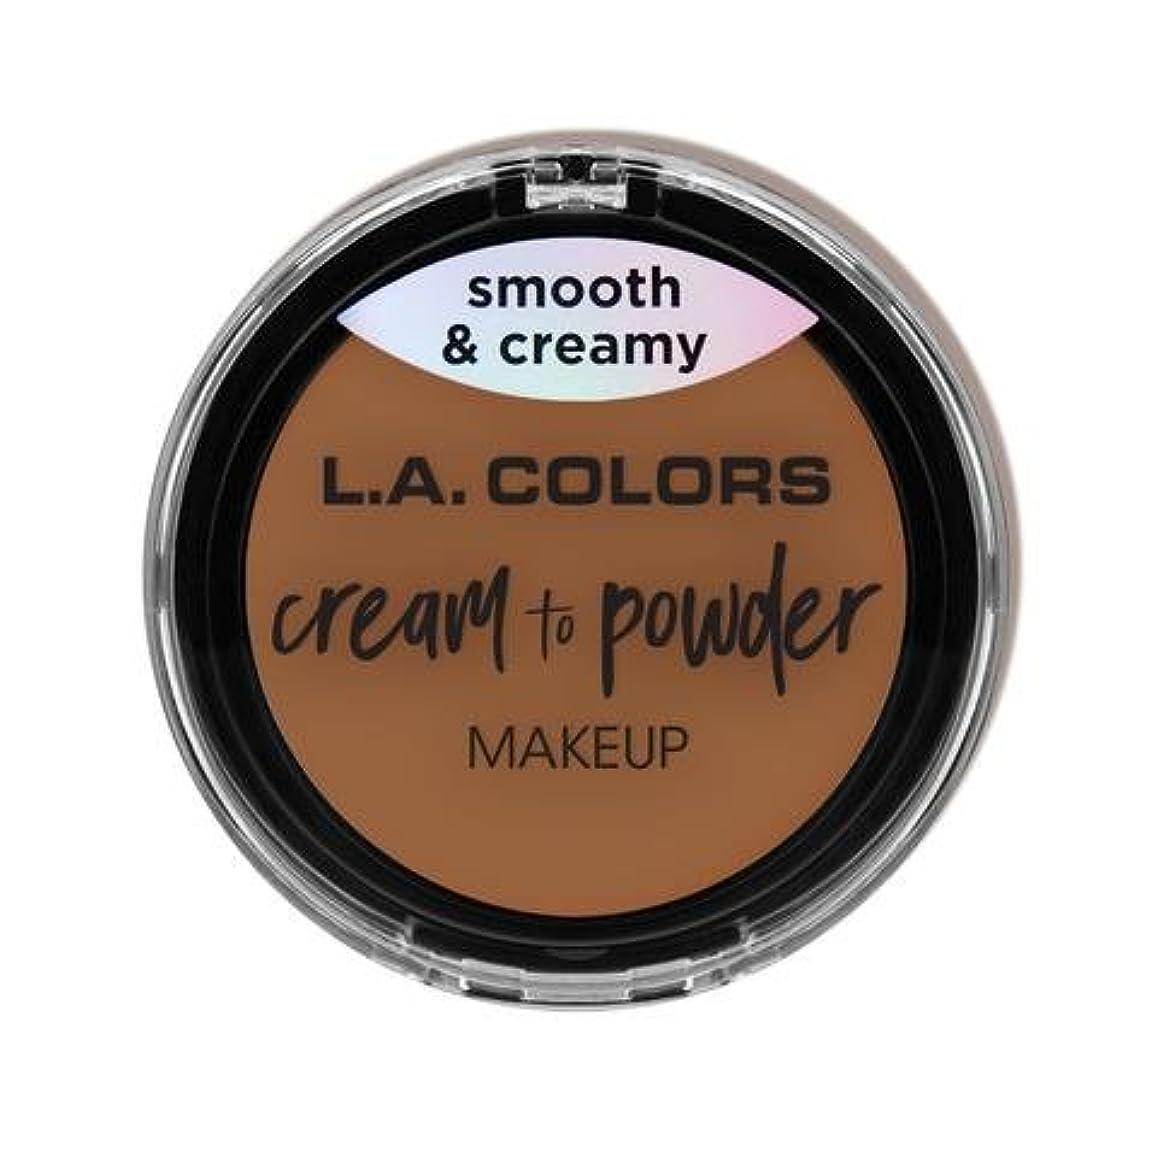 知っているに立ち寄る弾薬輸送(3 Pack) L.A. COLORS Cream To Powder Foundation - Sand (並行輸入品)